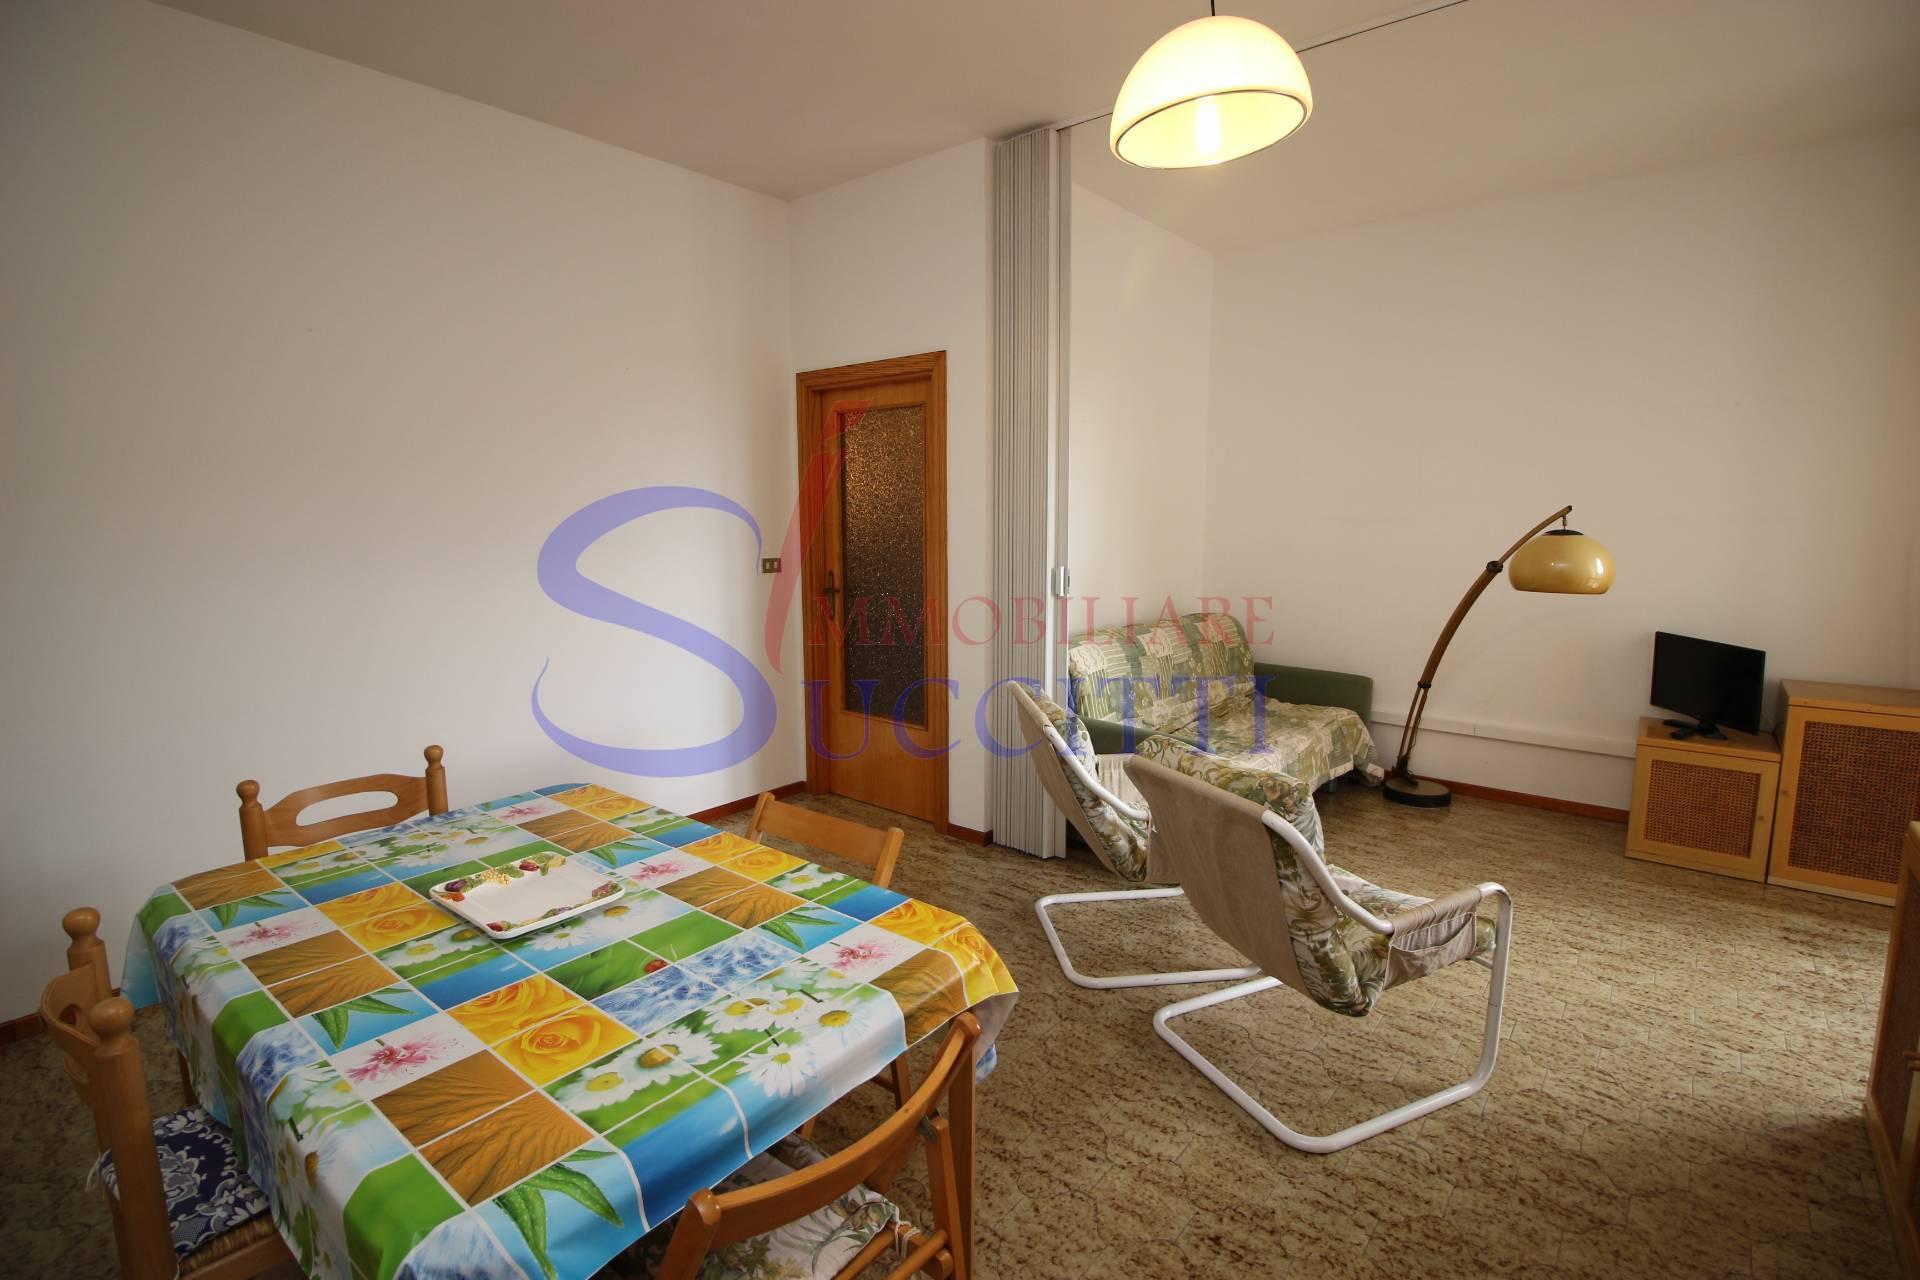 Appartamento in affitto a Tortoreto, 3 locali, zona Località: TortoretoLido, prezzo € 300 | CambioCasa.it